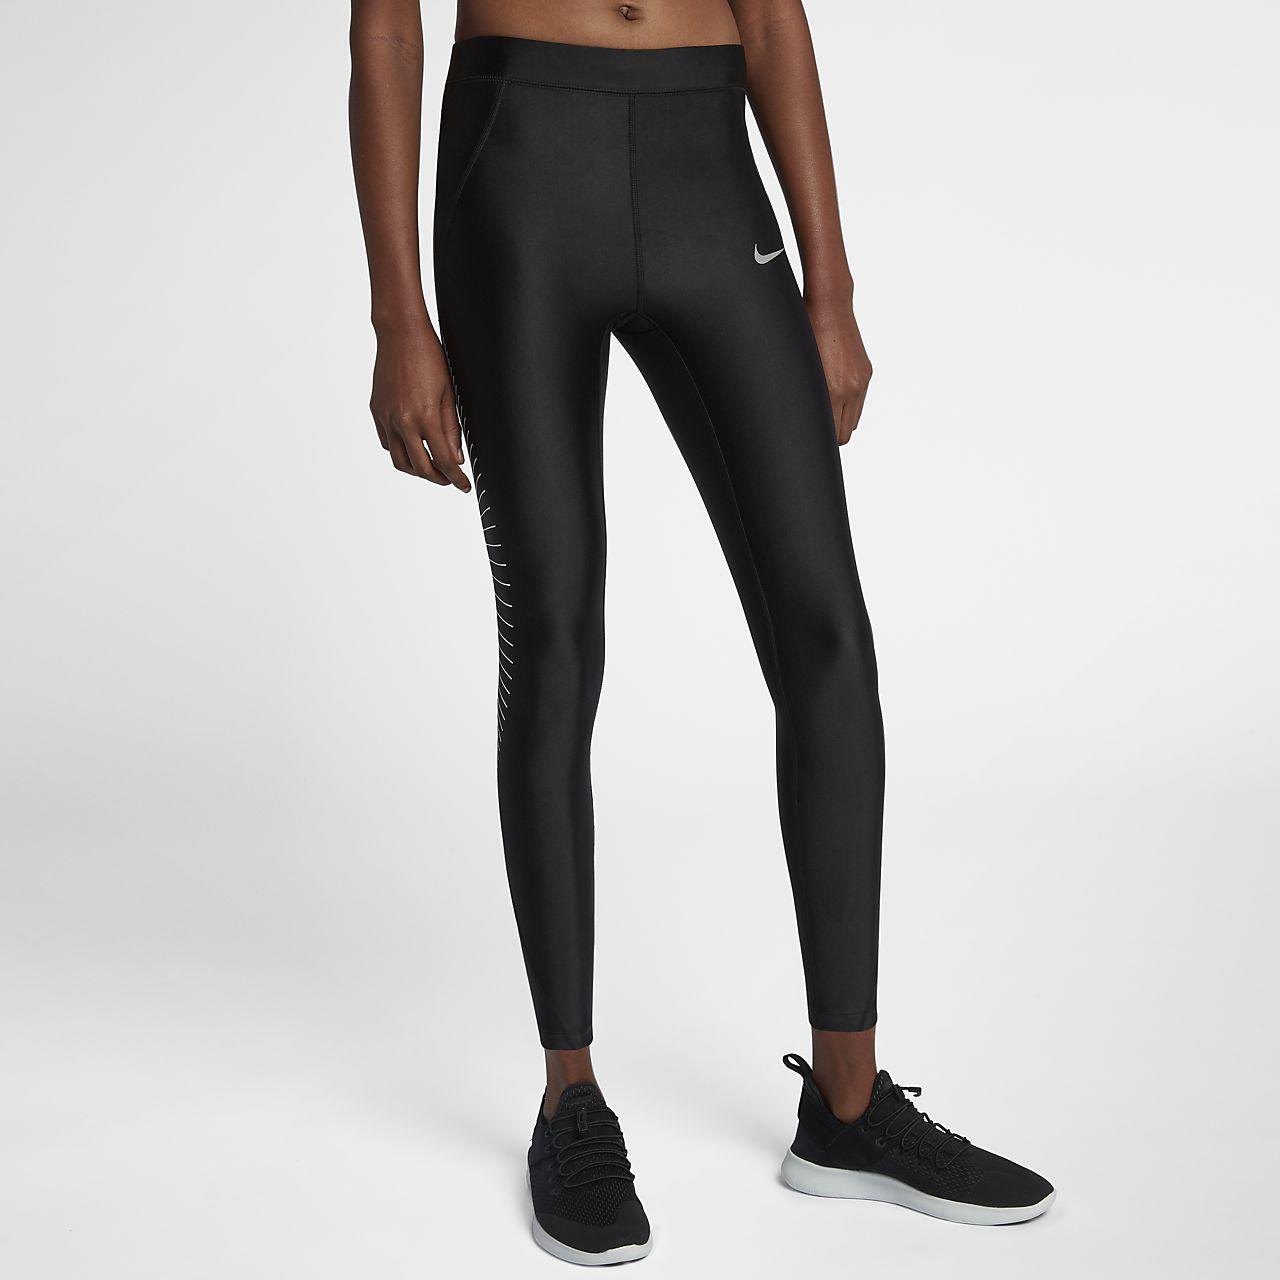 Nike running leggings dri fit